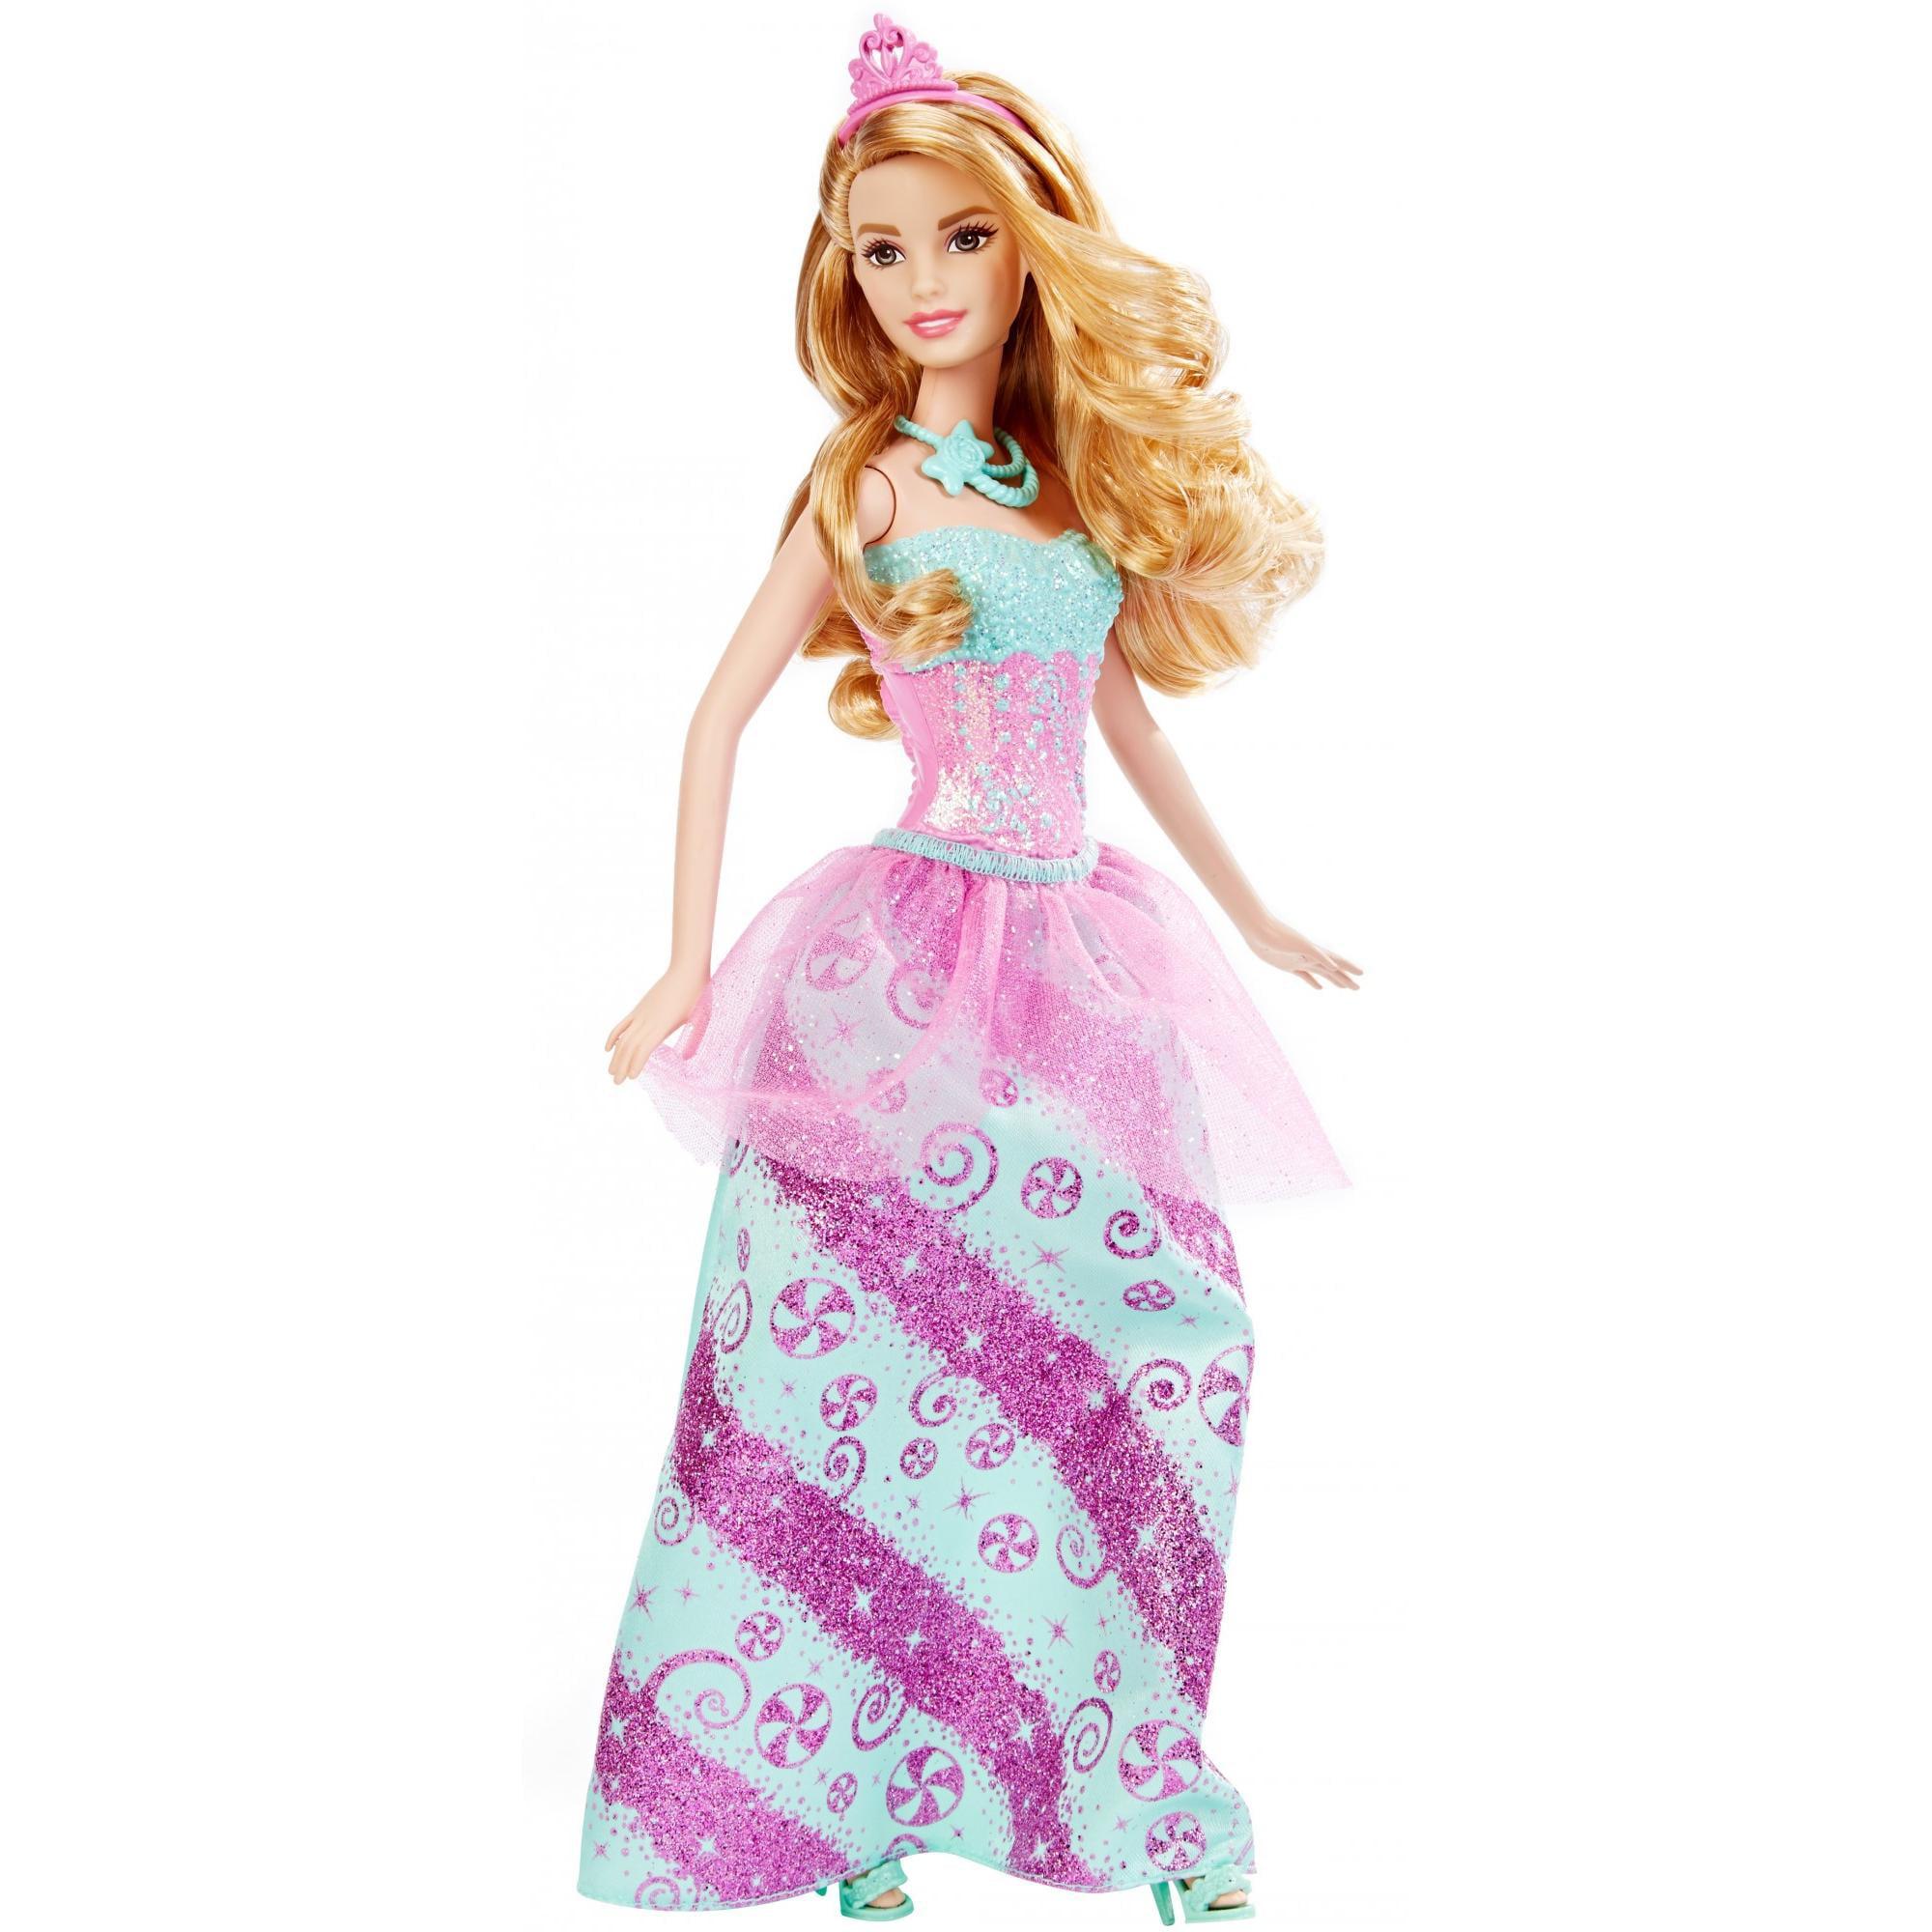 Barbie Fairytale Candy Princess Doll